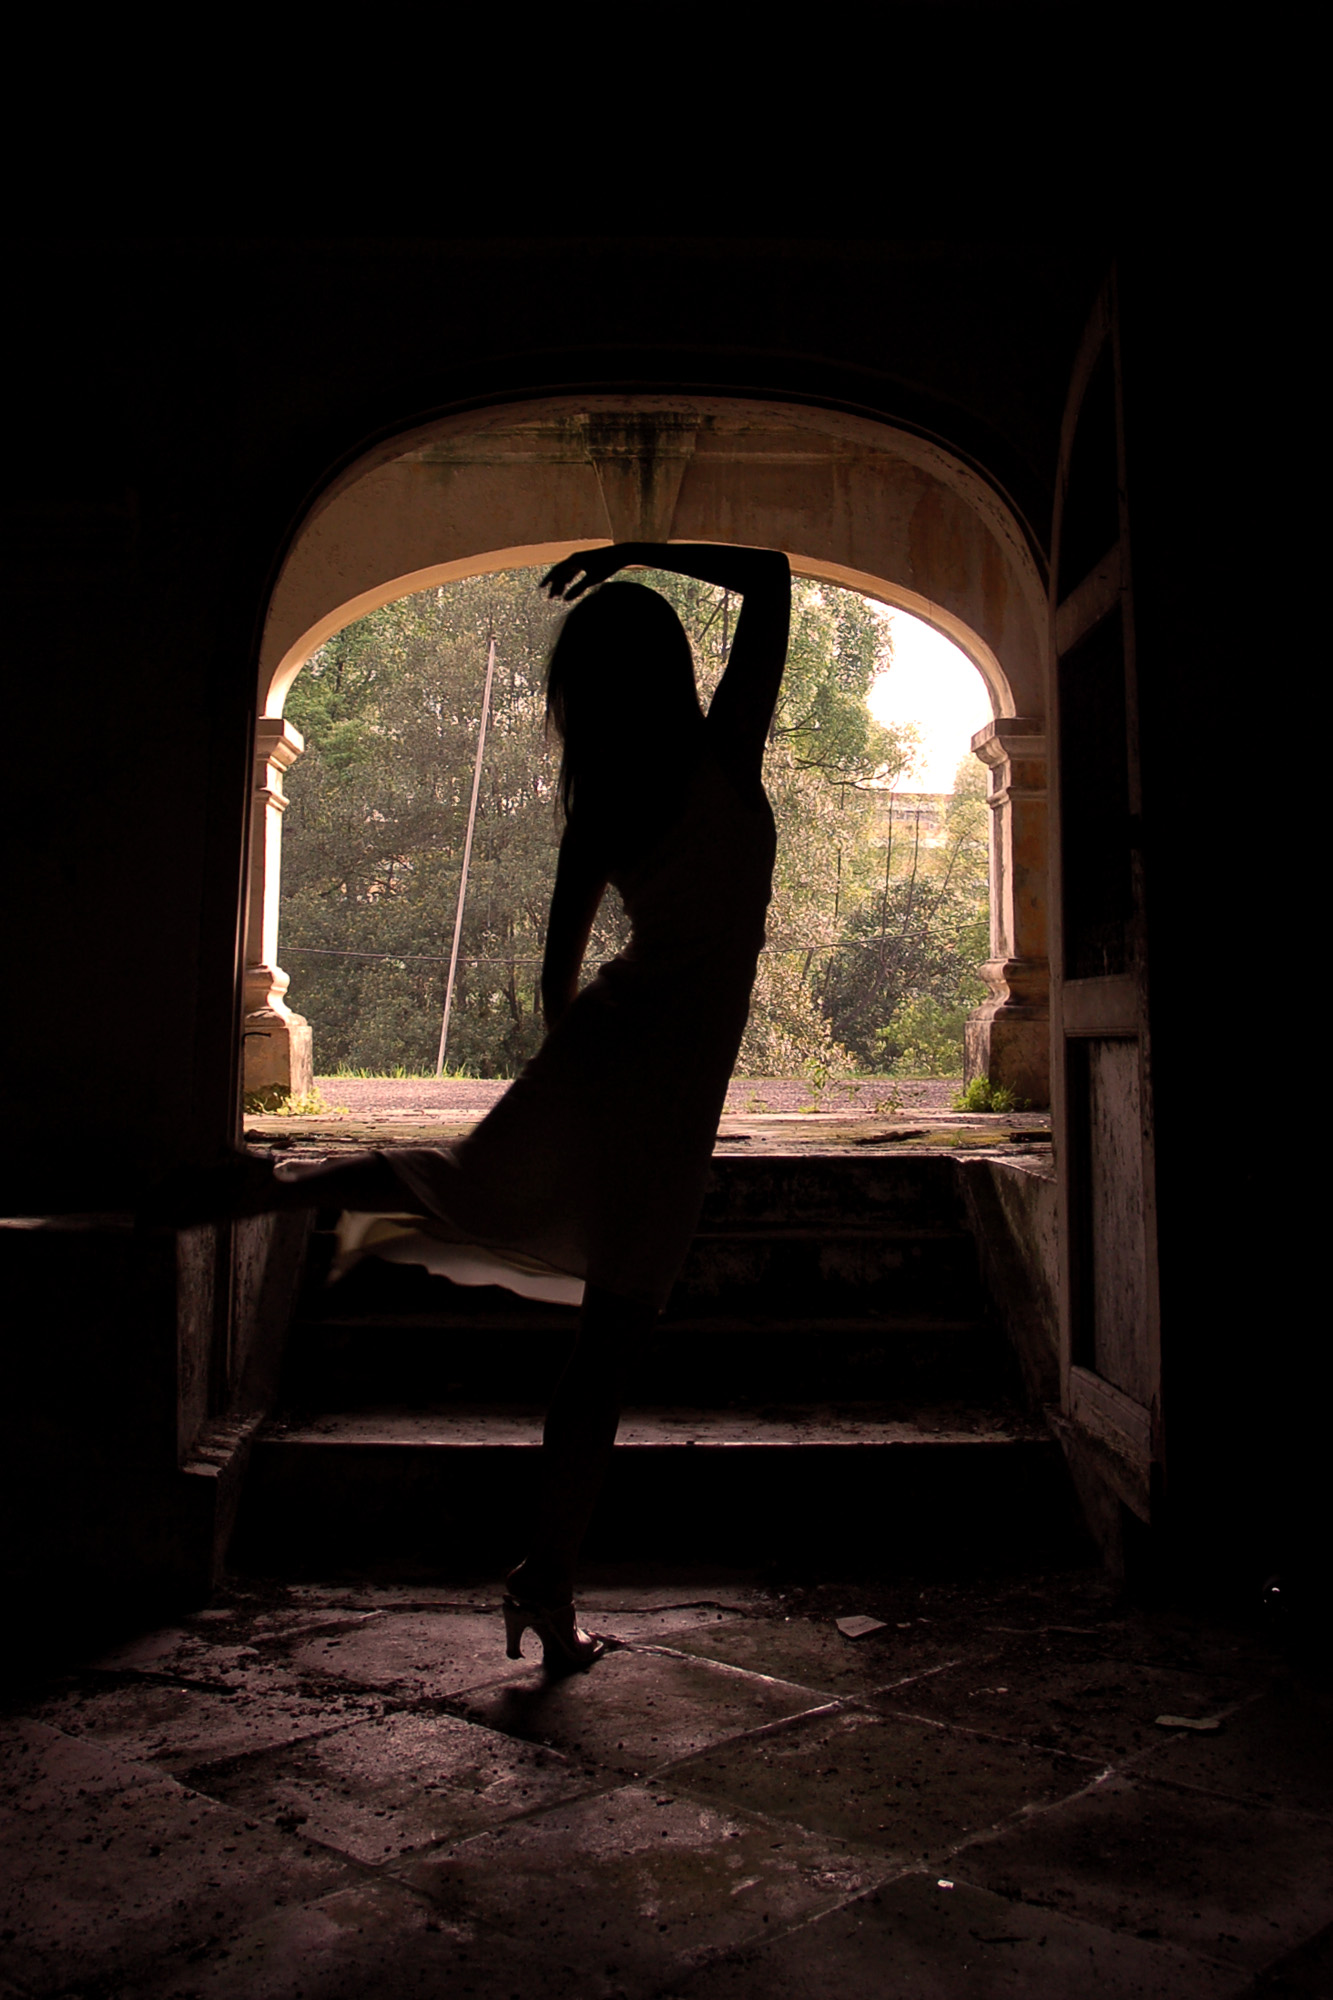 dancing from dawn till dusk